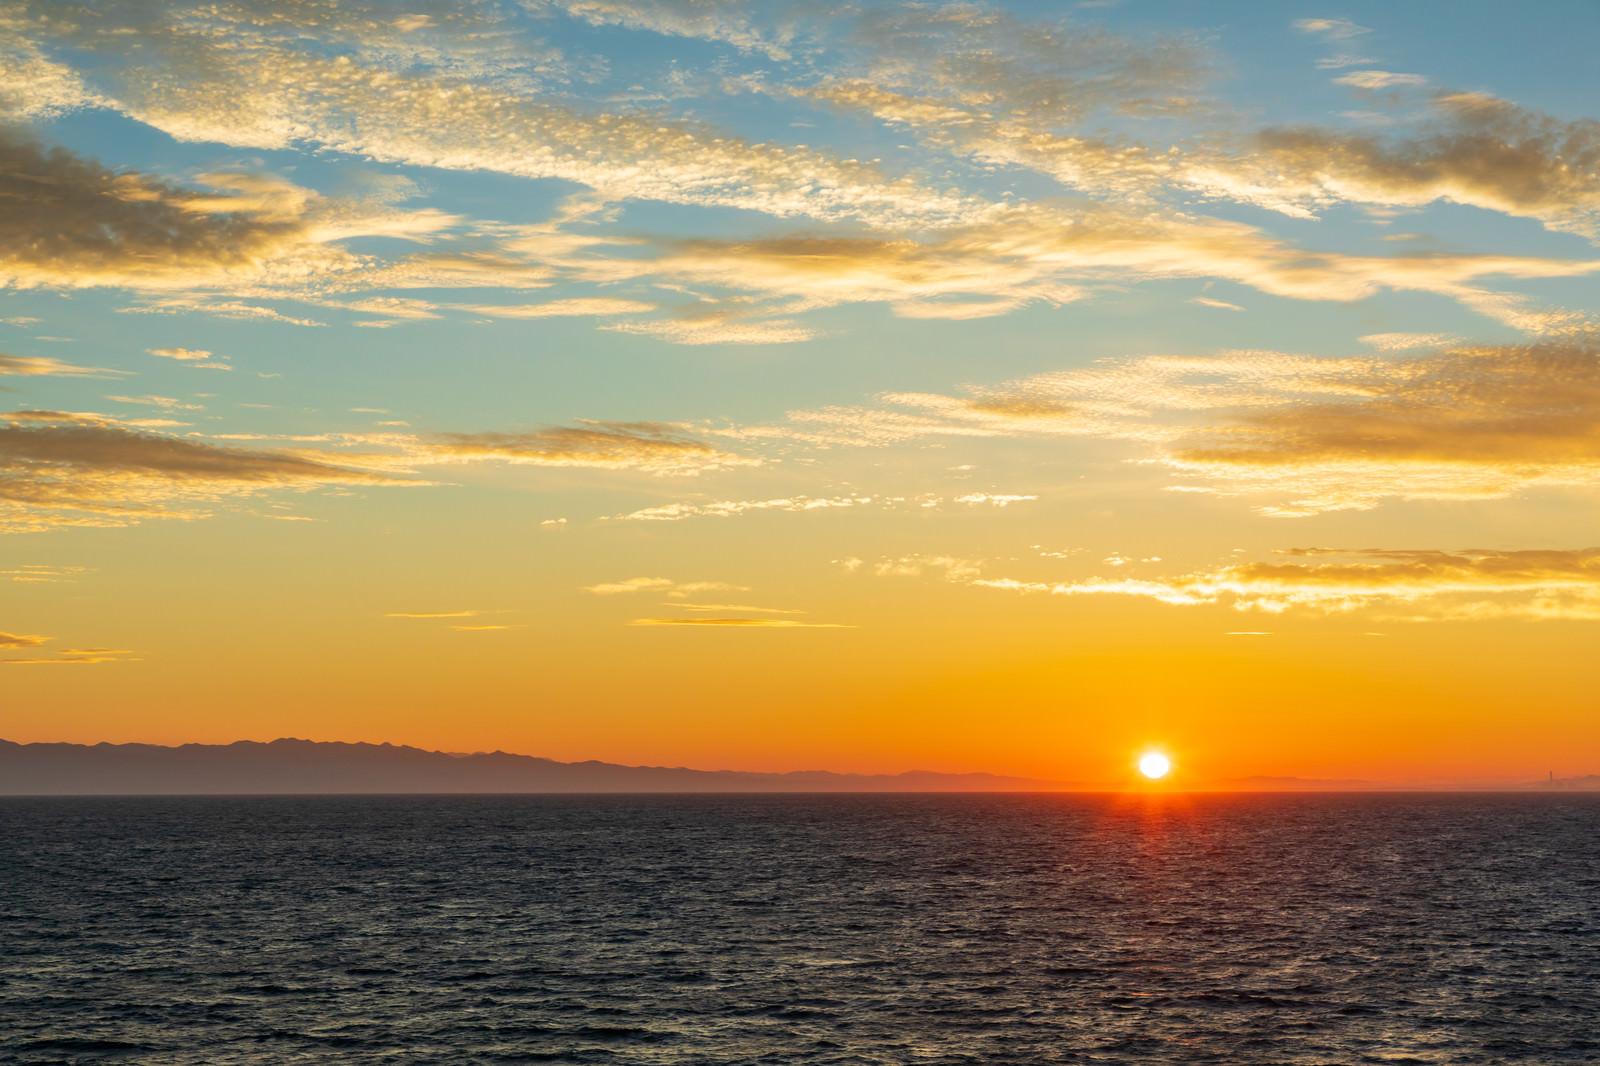 「日本海の夜明けと日の出」の写真